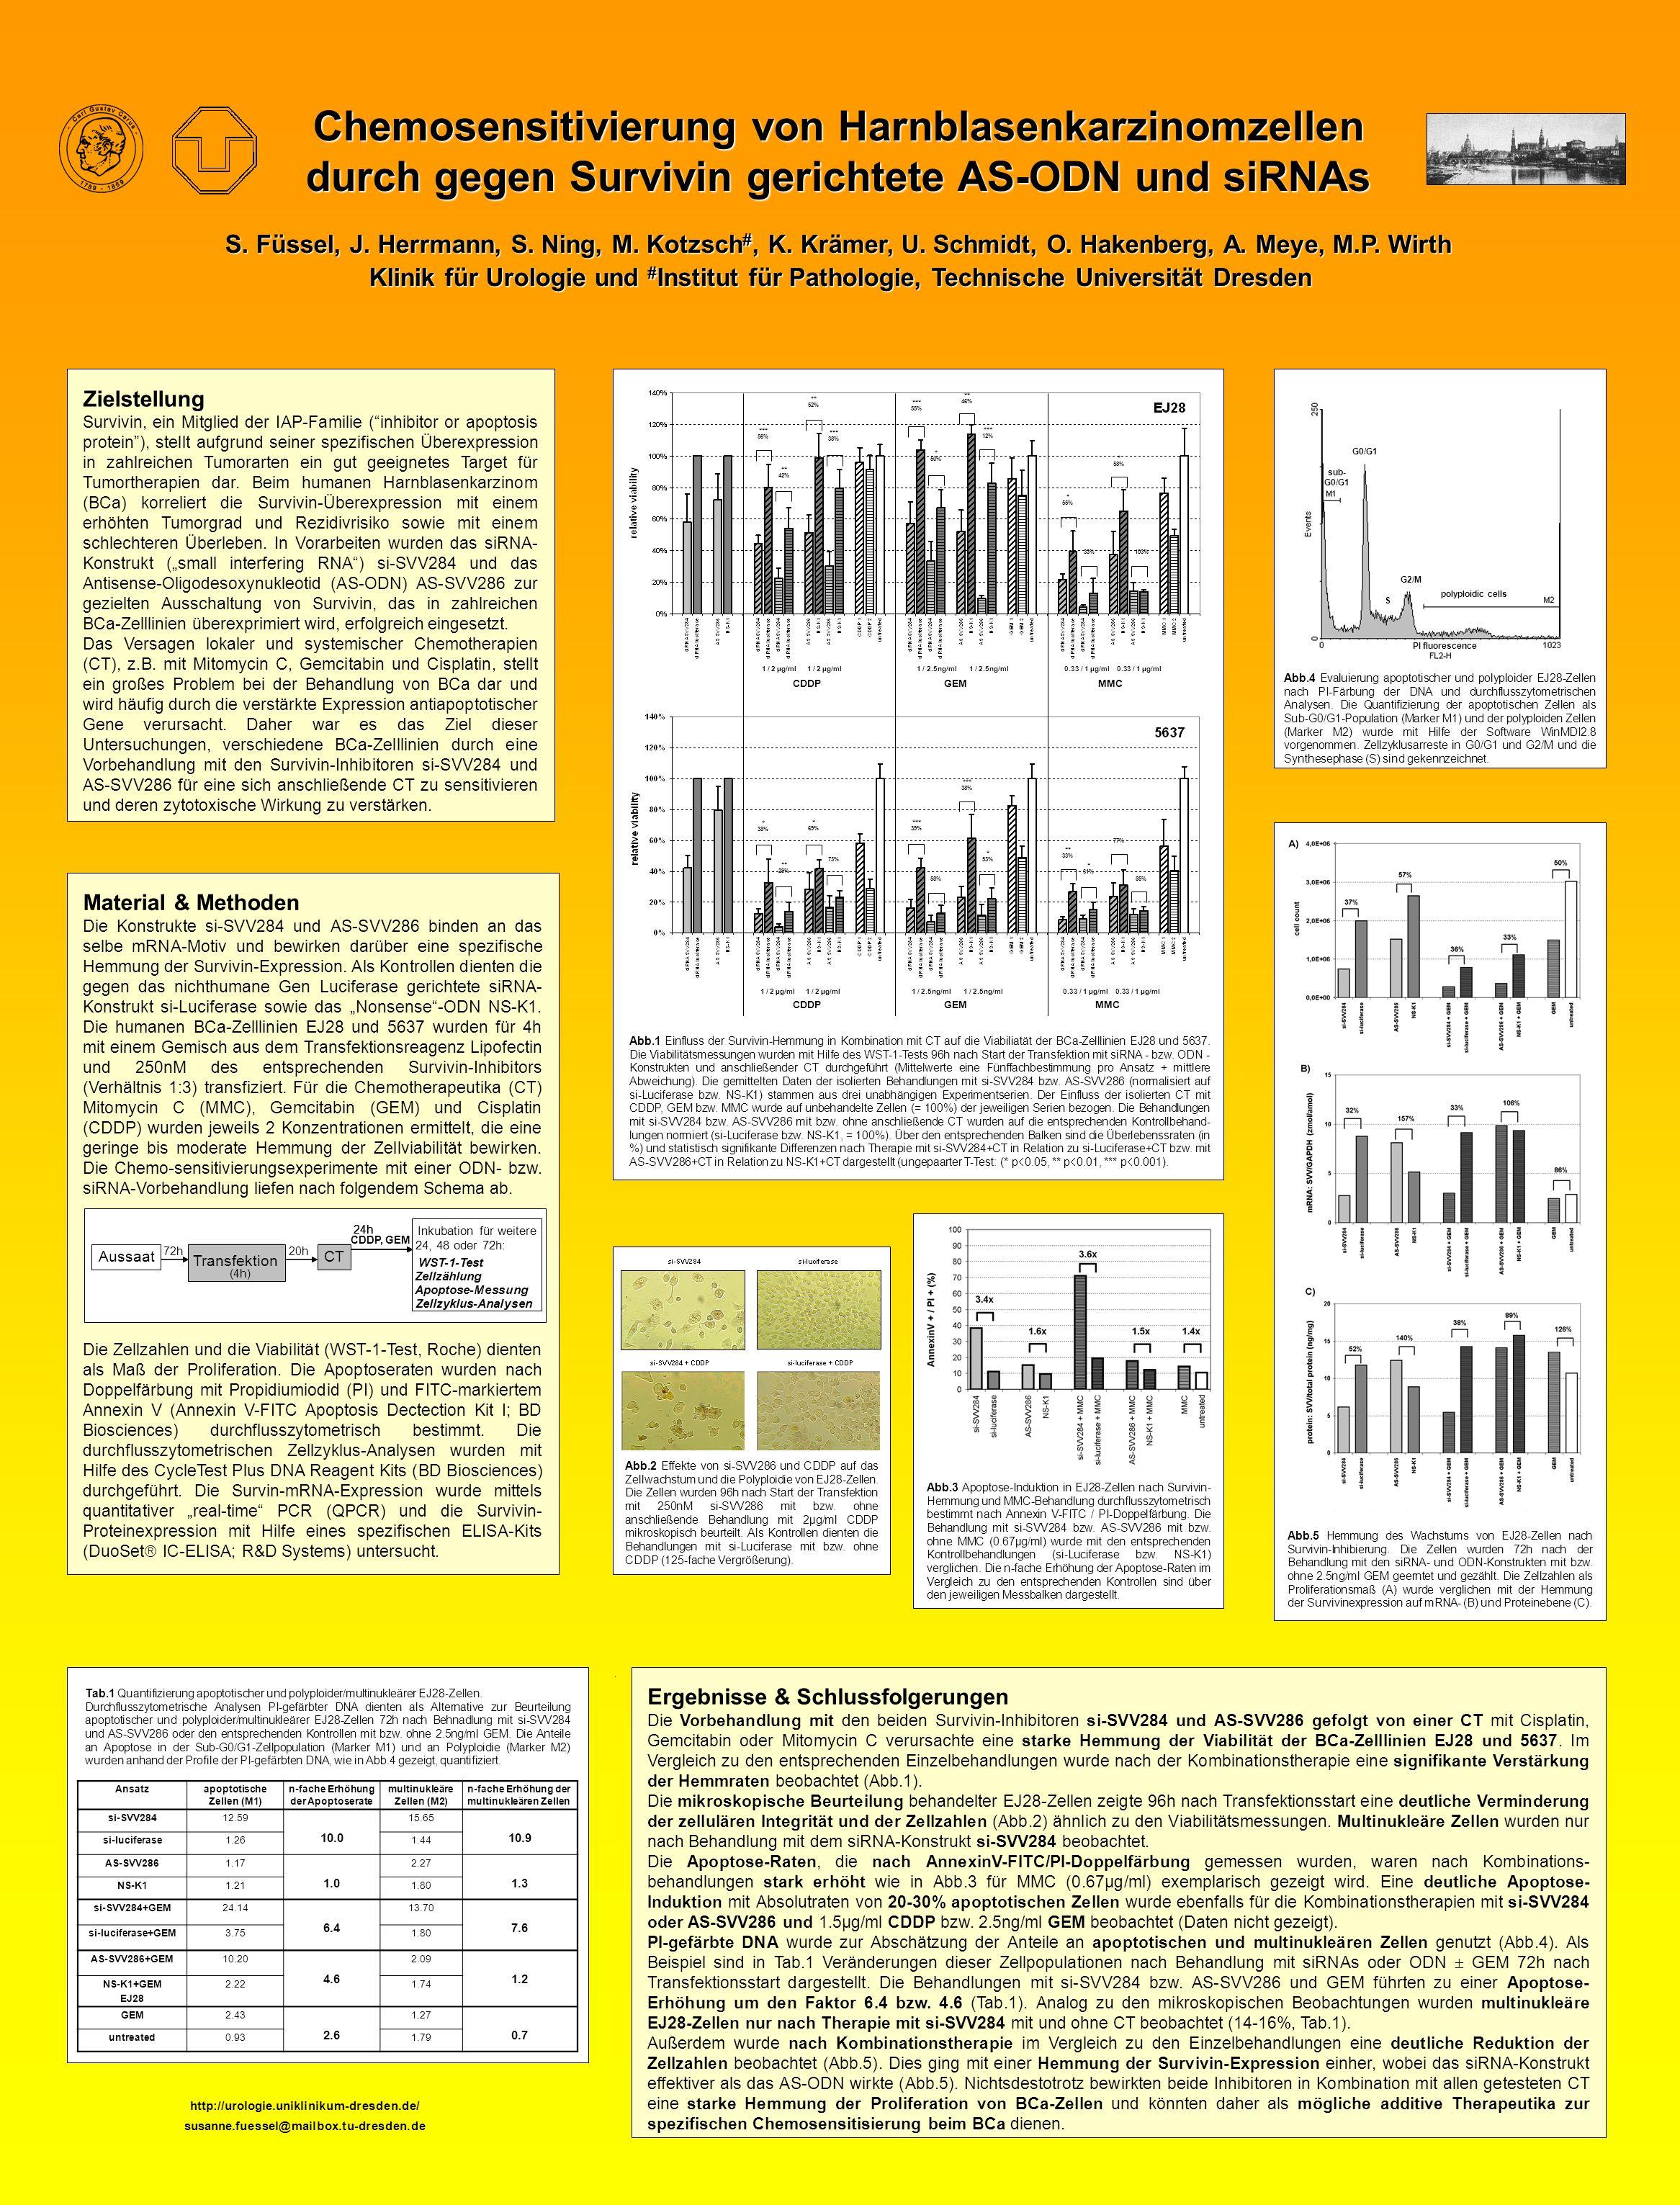 Chemosensitivierung von Harnblasenkarzinomzellen